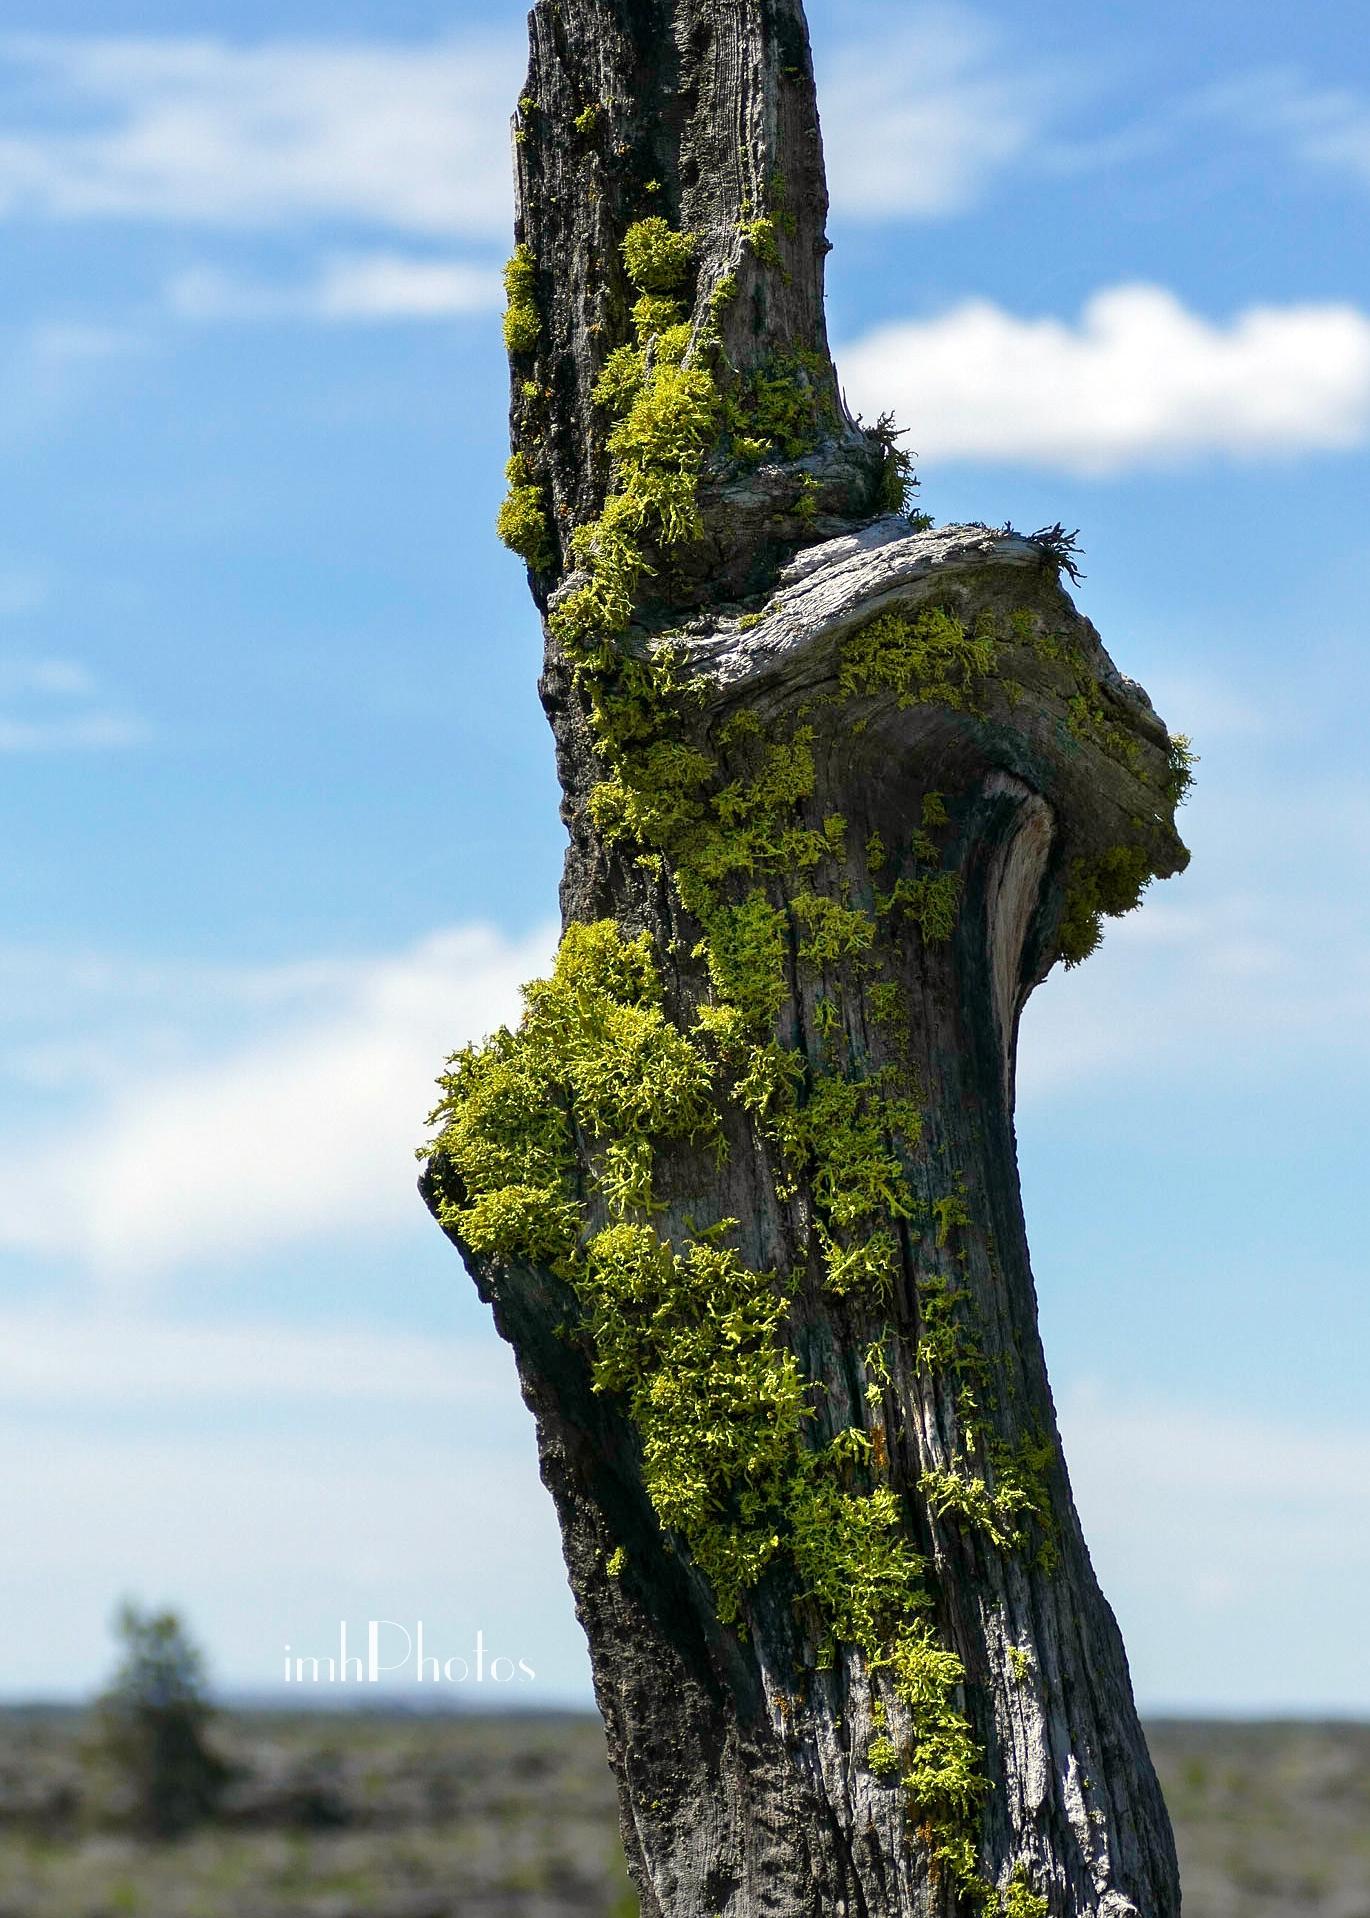 Lichen on Pine Stump